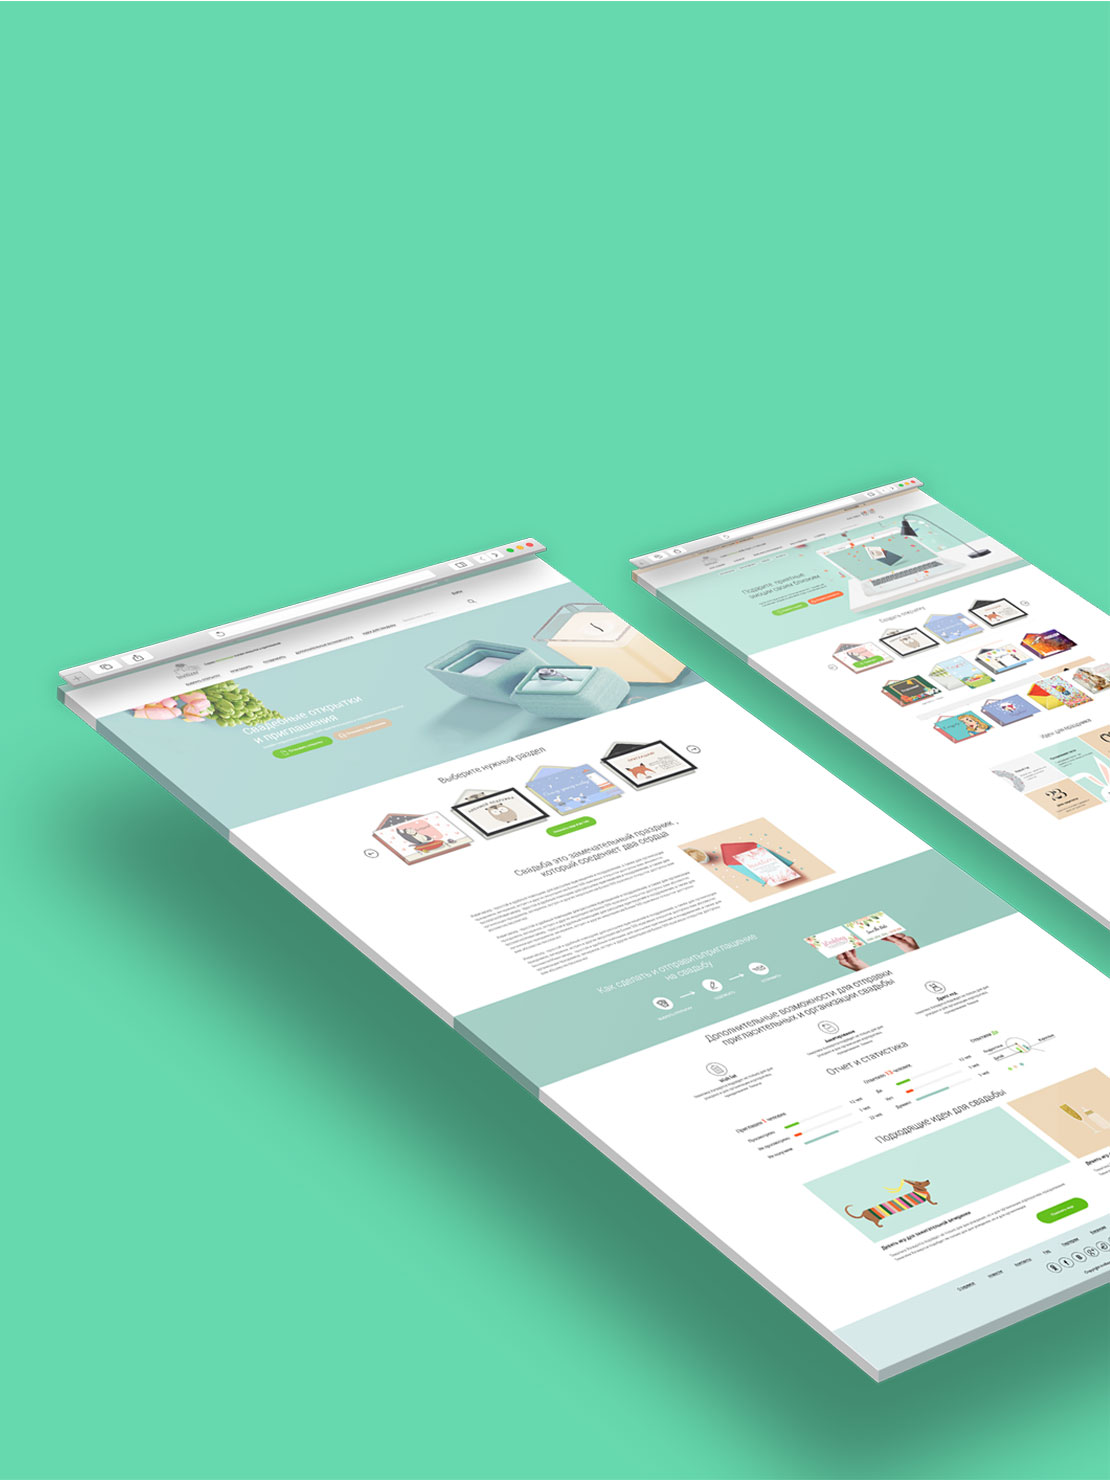 инвитайзер, отправка открыток, портфолио, сайт, красивое, оформление, кейсы, вольных, антон, отзывы, работы